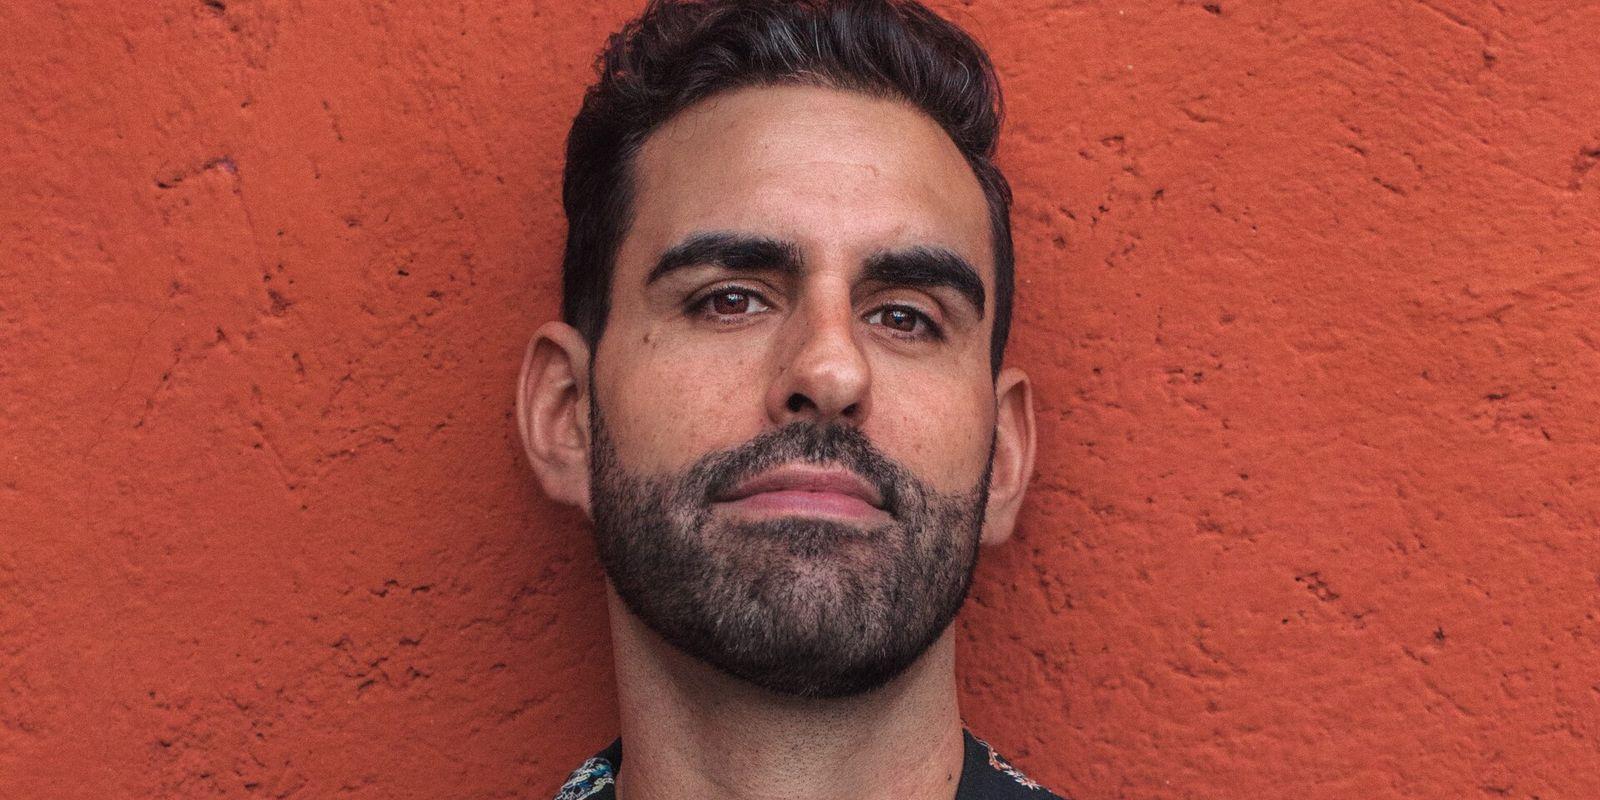 #NGXplorers: Rubén Salgado Escudero